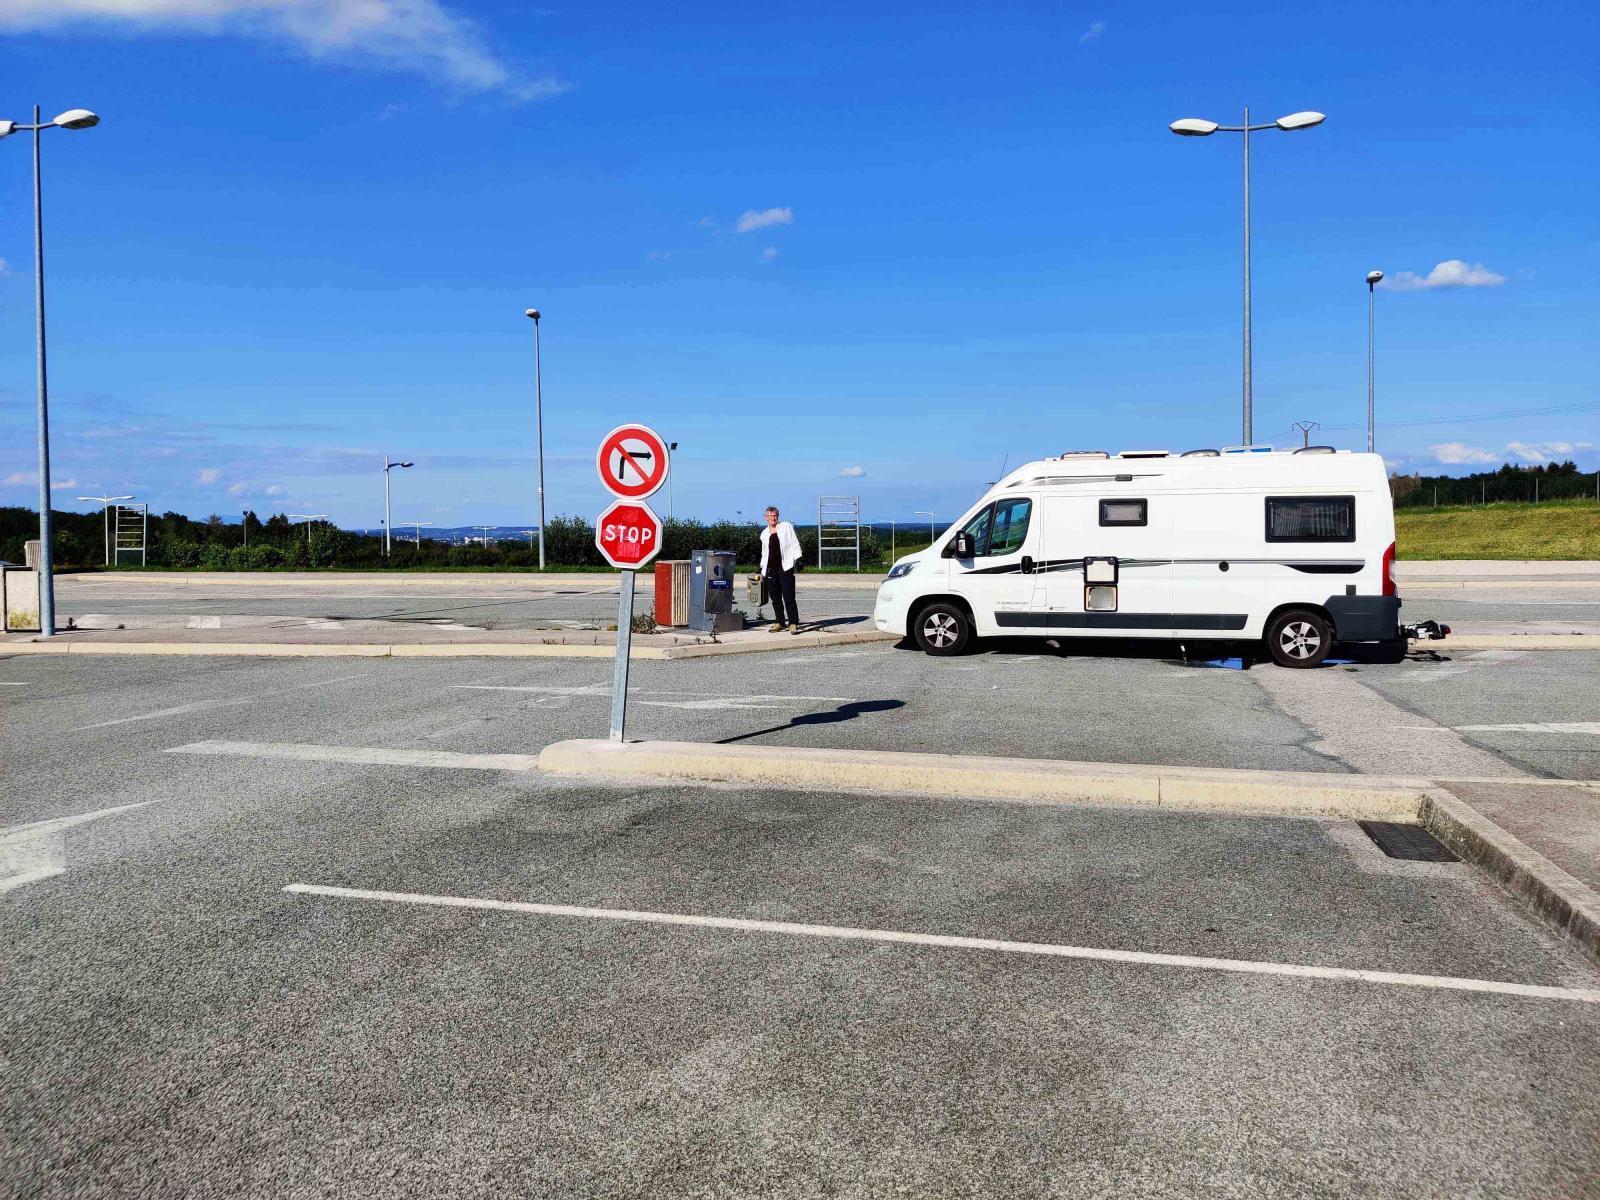 Inga turistbussar att trängas med på motorvägsstoppen i Frankrike.